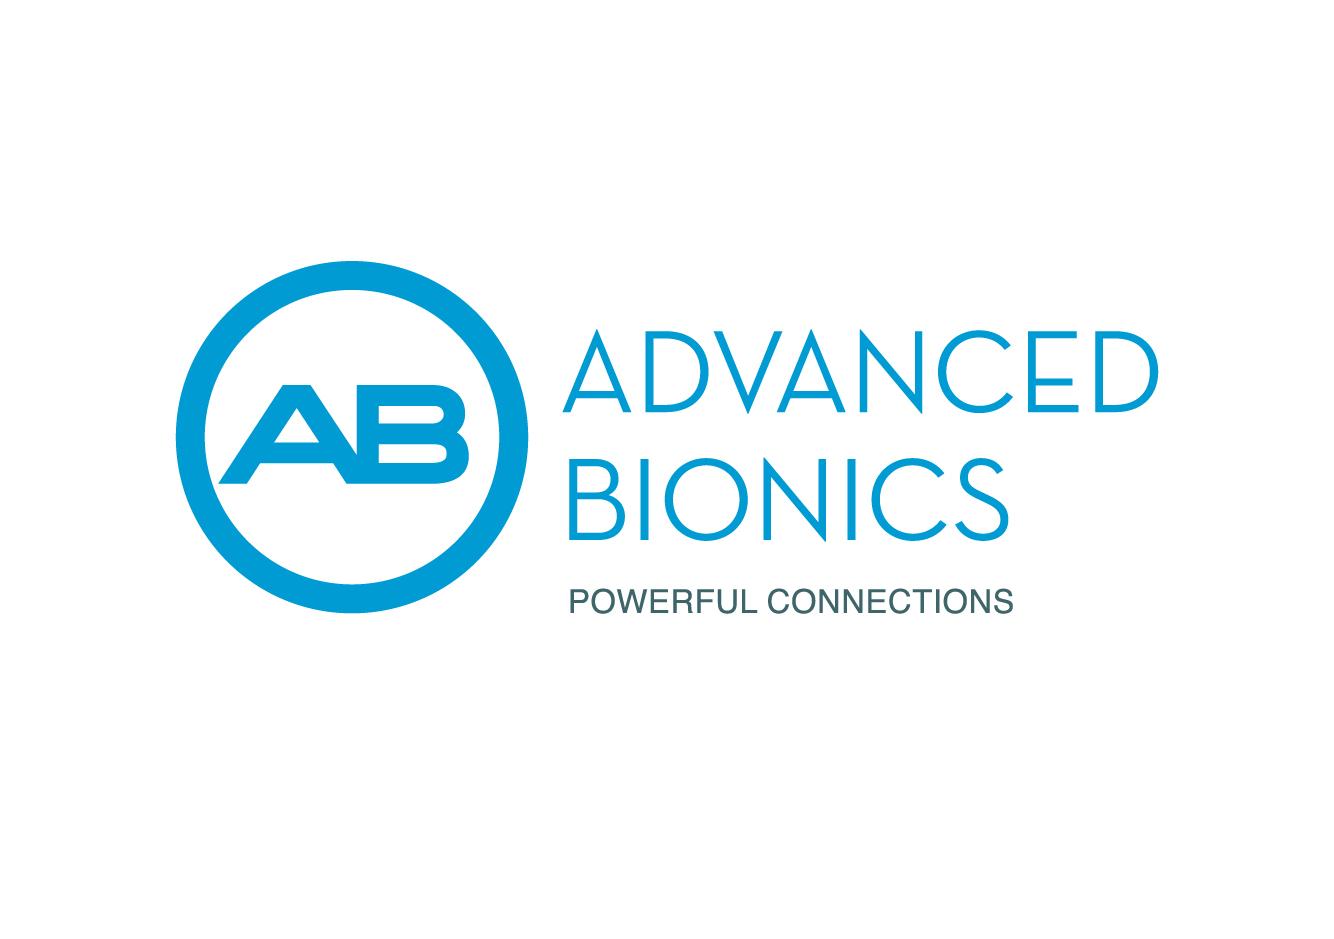 diseño gráfico Advance Bionic